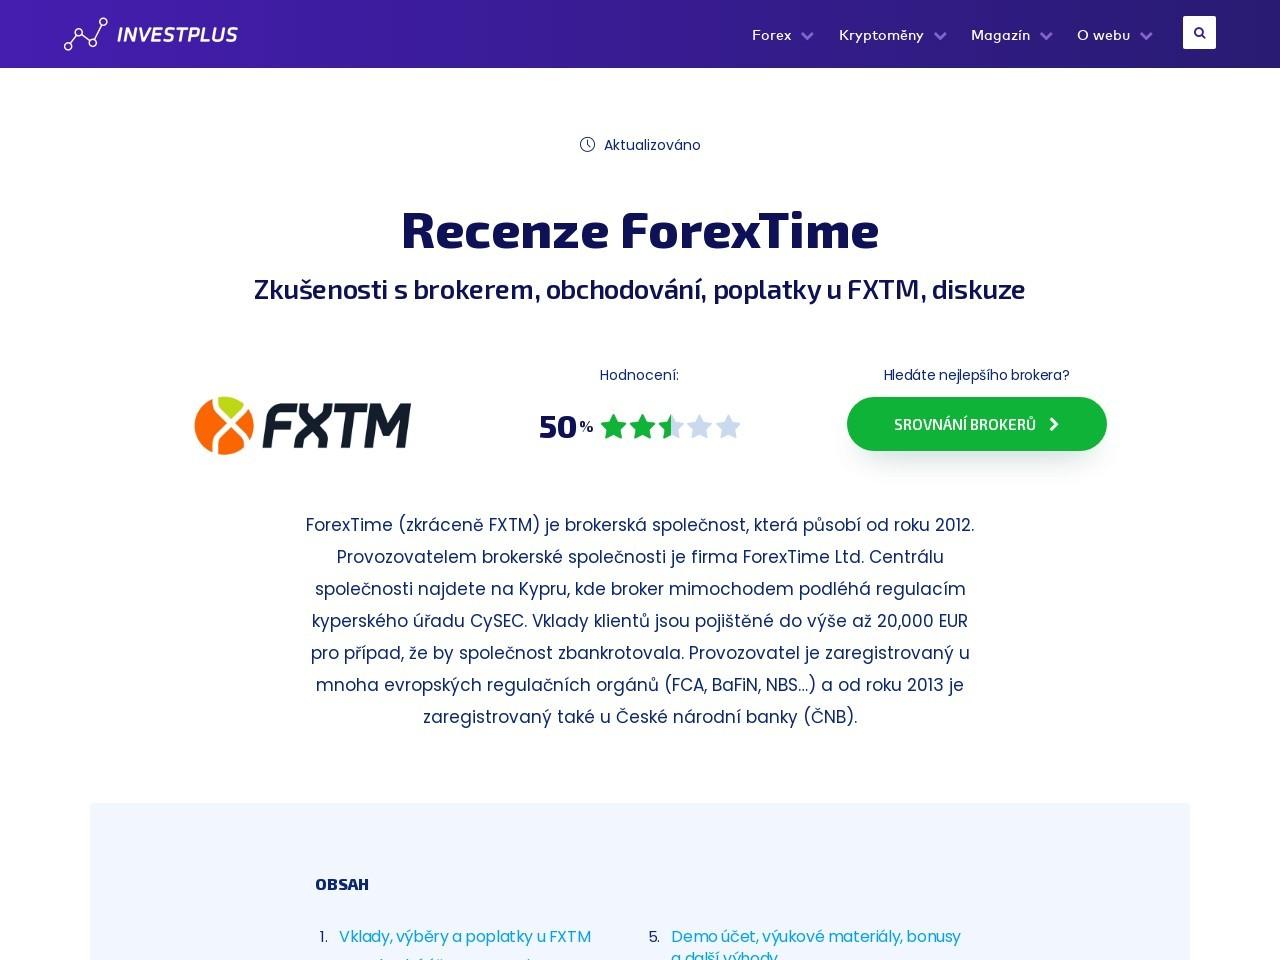 Recenze ForexTime – zkušenosti s brokerem, obchodování, poplatky u FXTM (Zdroj: Wordpress.com)